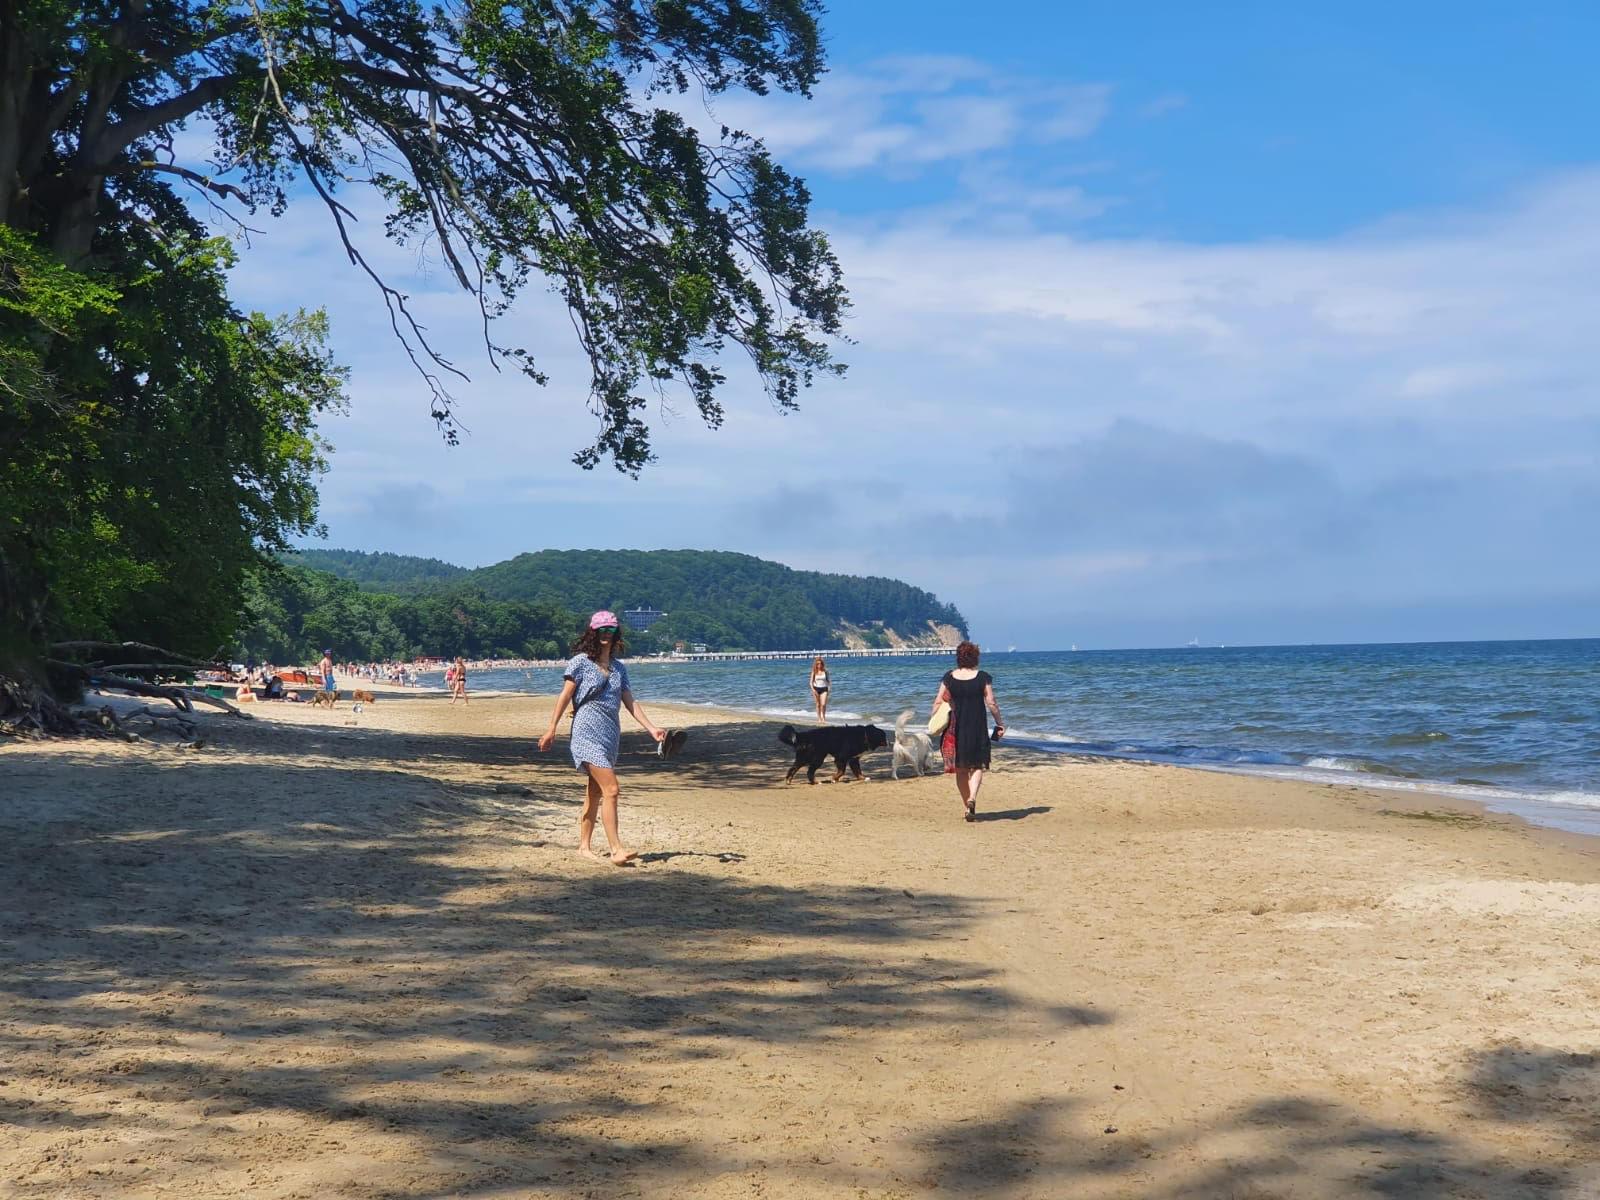 Psia plaża w Gdyni Orłowie, fot. Małgorzata Omachel-Kwidzińska